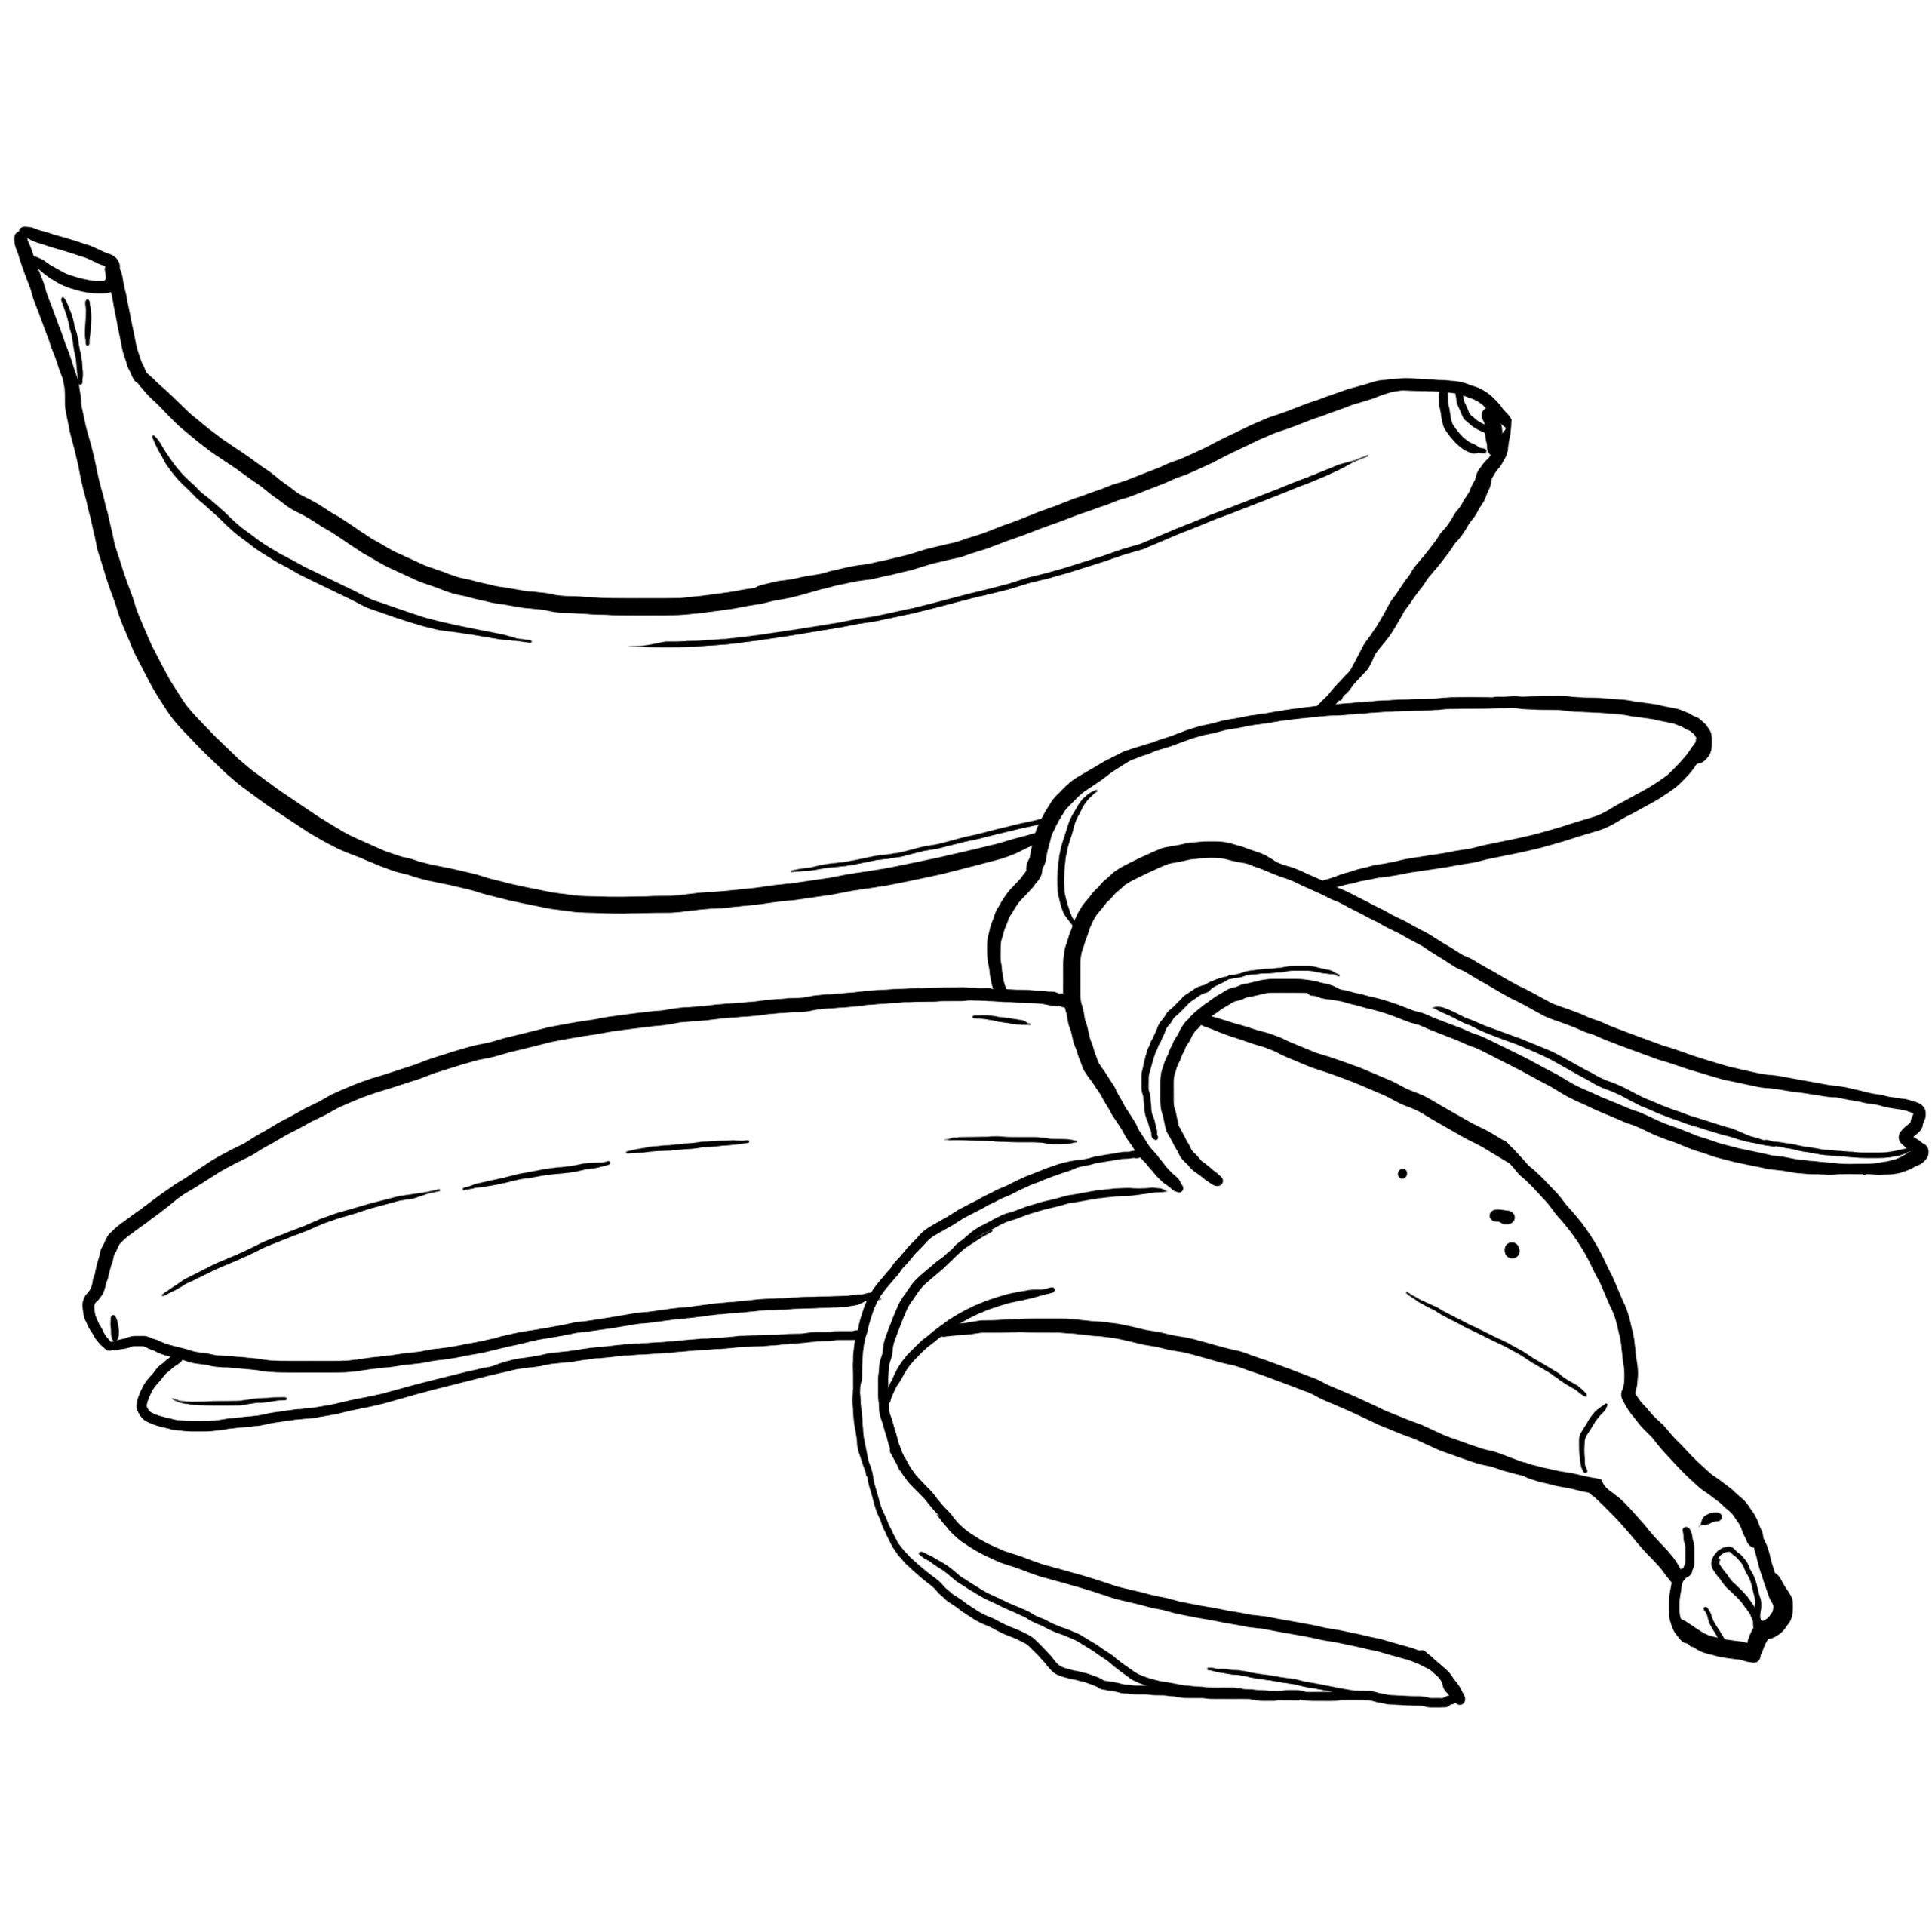 Coloriage Des Aliments : La Banane | Coloriage, Coloriage concernant Dessiner Une Banane